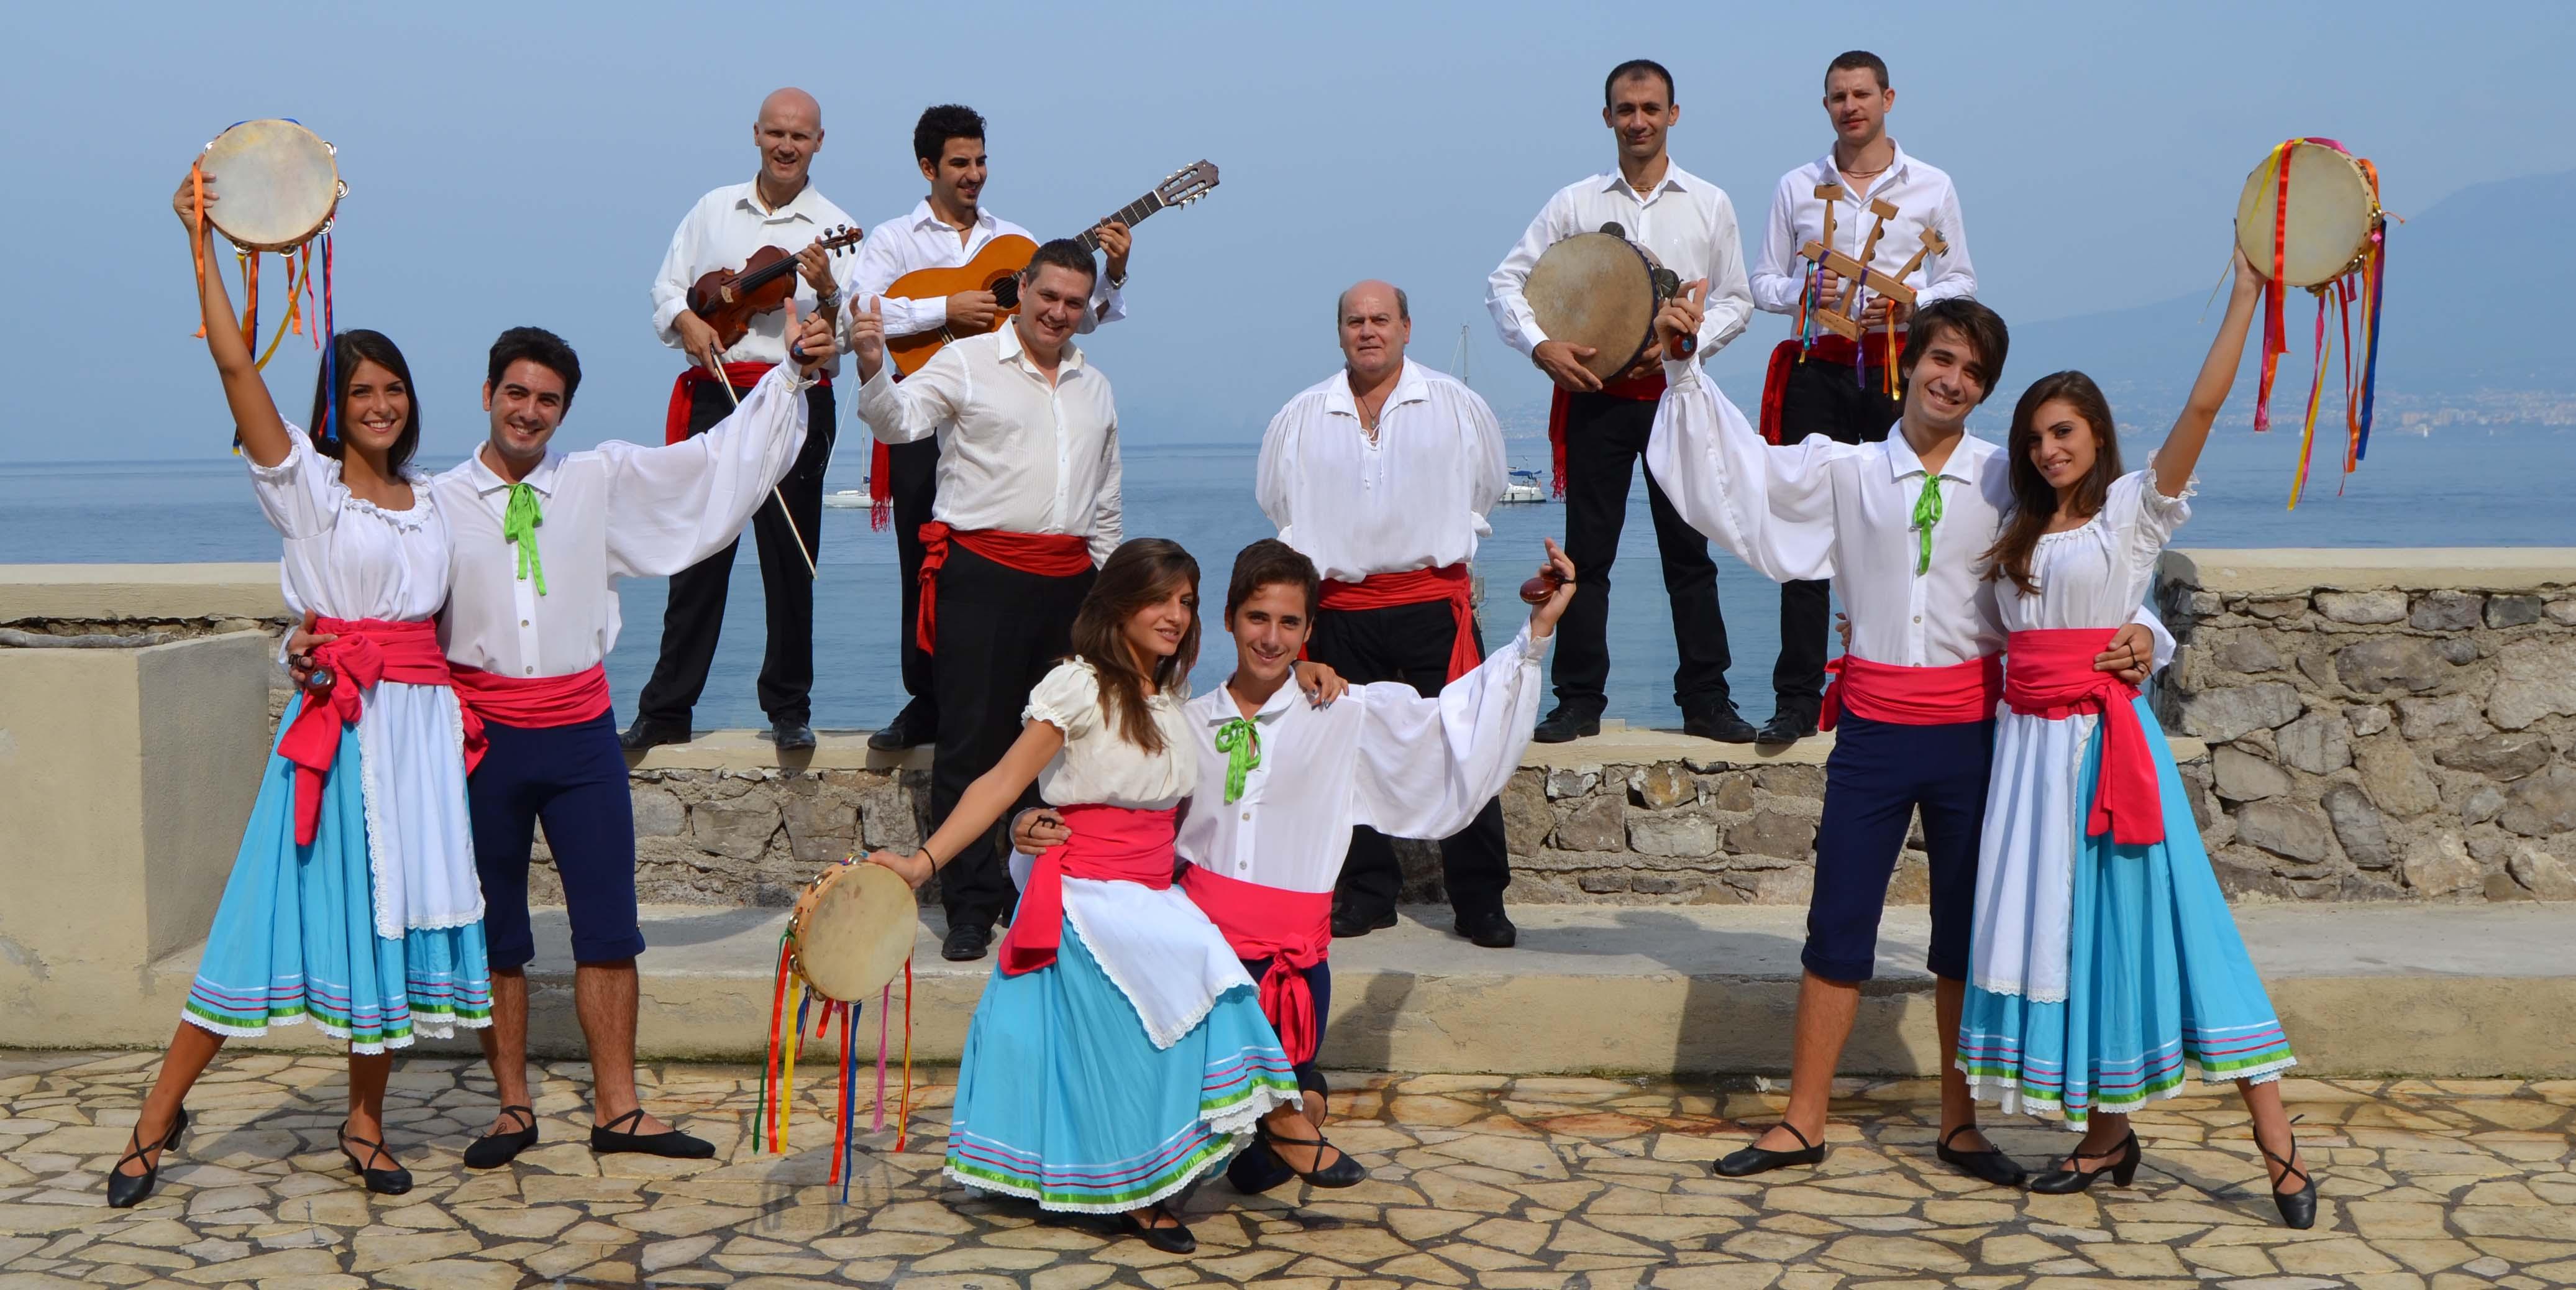 Continua Il Tour Del Musical Tarantella Amp Tenors